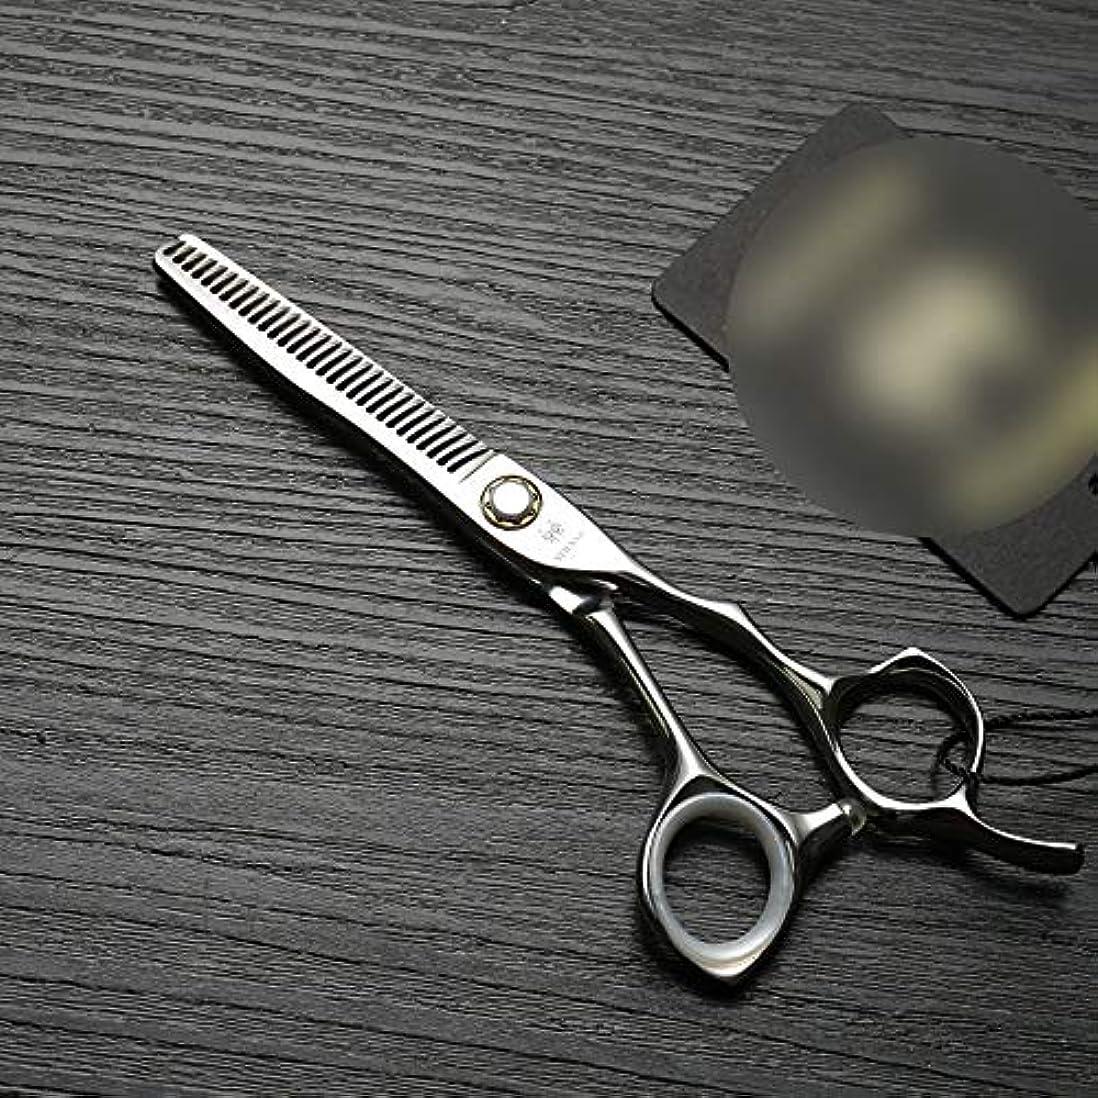 純度必要ない平らにする6インチの専門の理髪はさみ、軸受けねじステンレス鋼の薄くなるはさみ ヘアケア (色 : Silver)